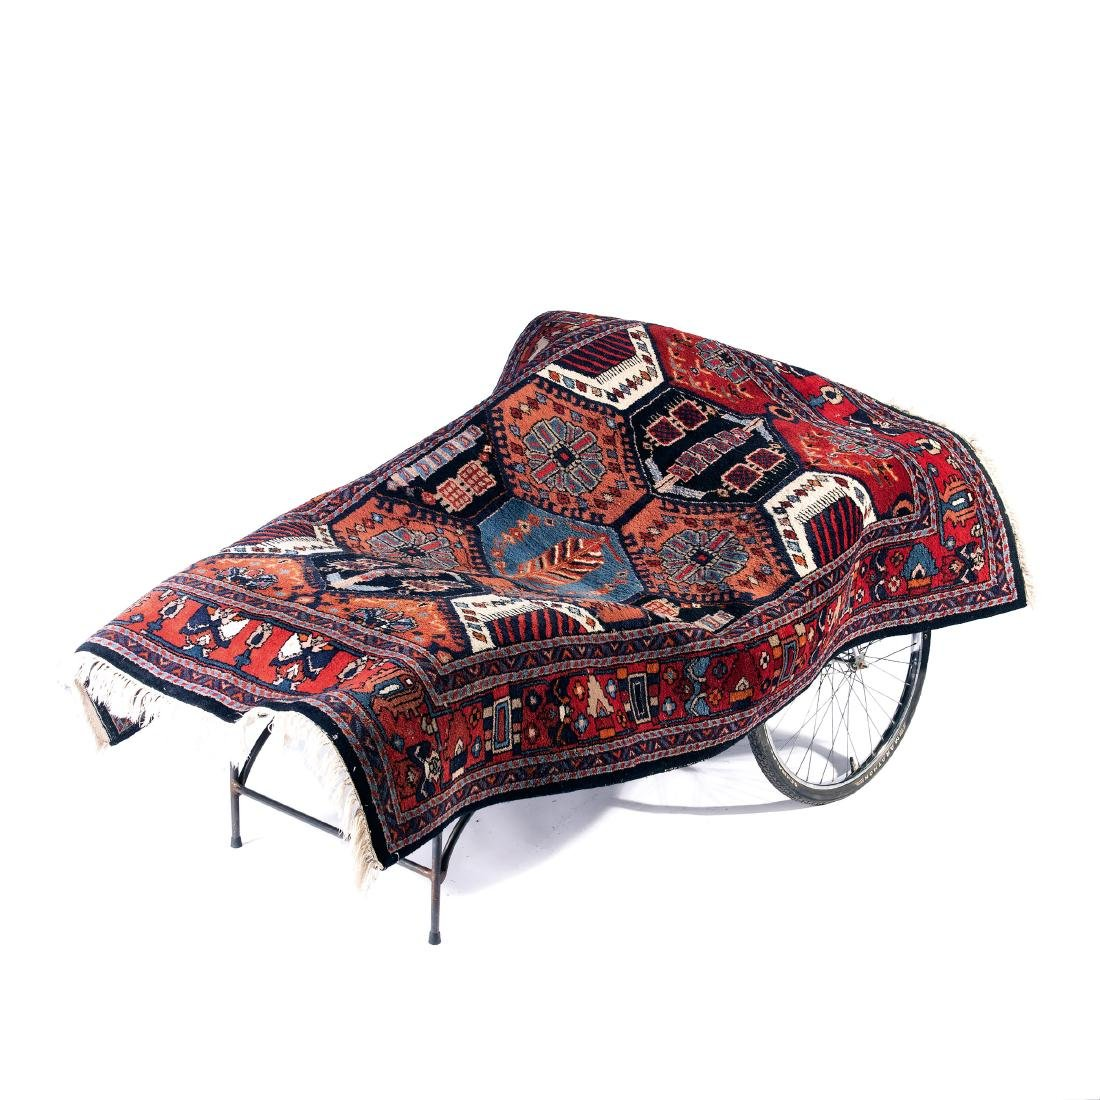 'Diwan' long chair, 1989/90